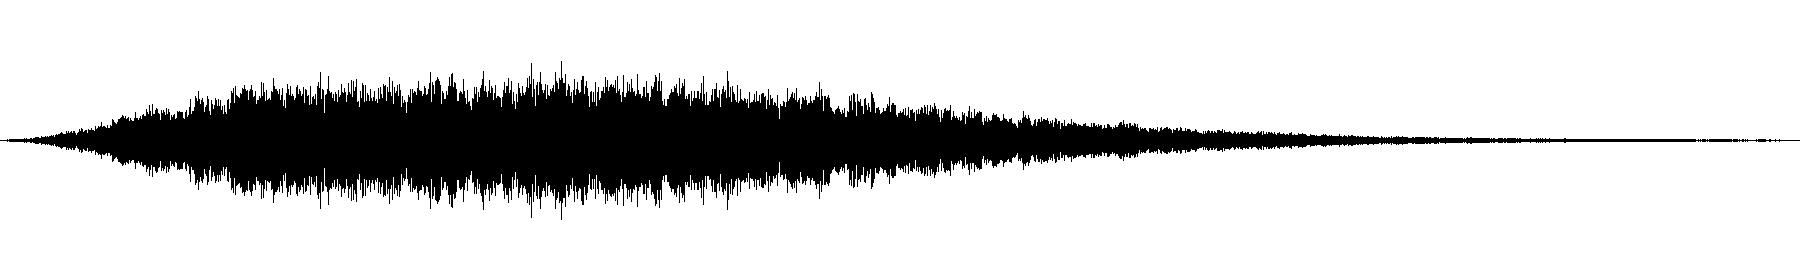 synth choir am7